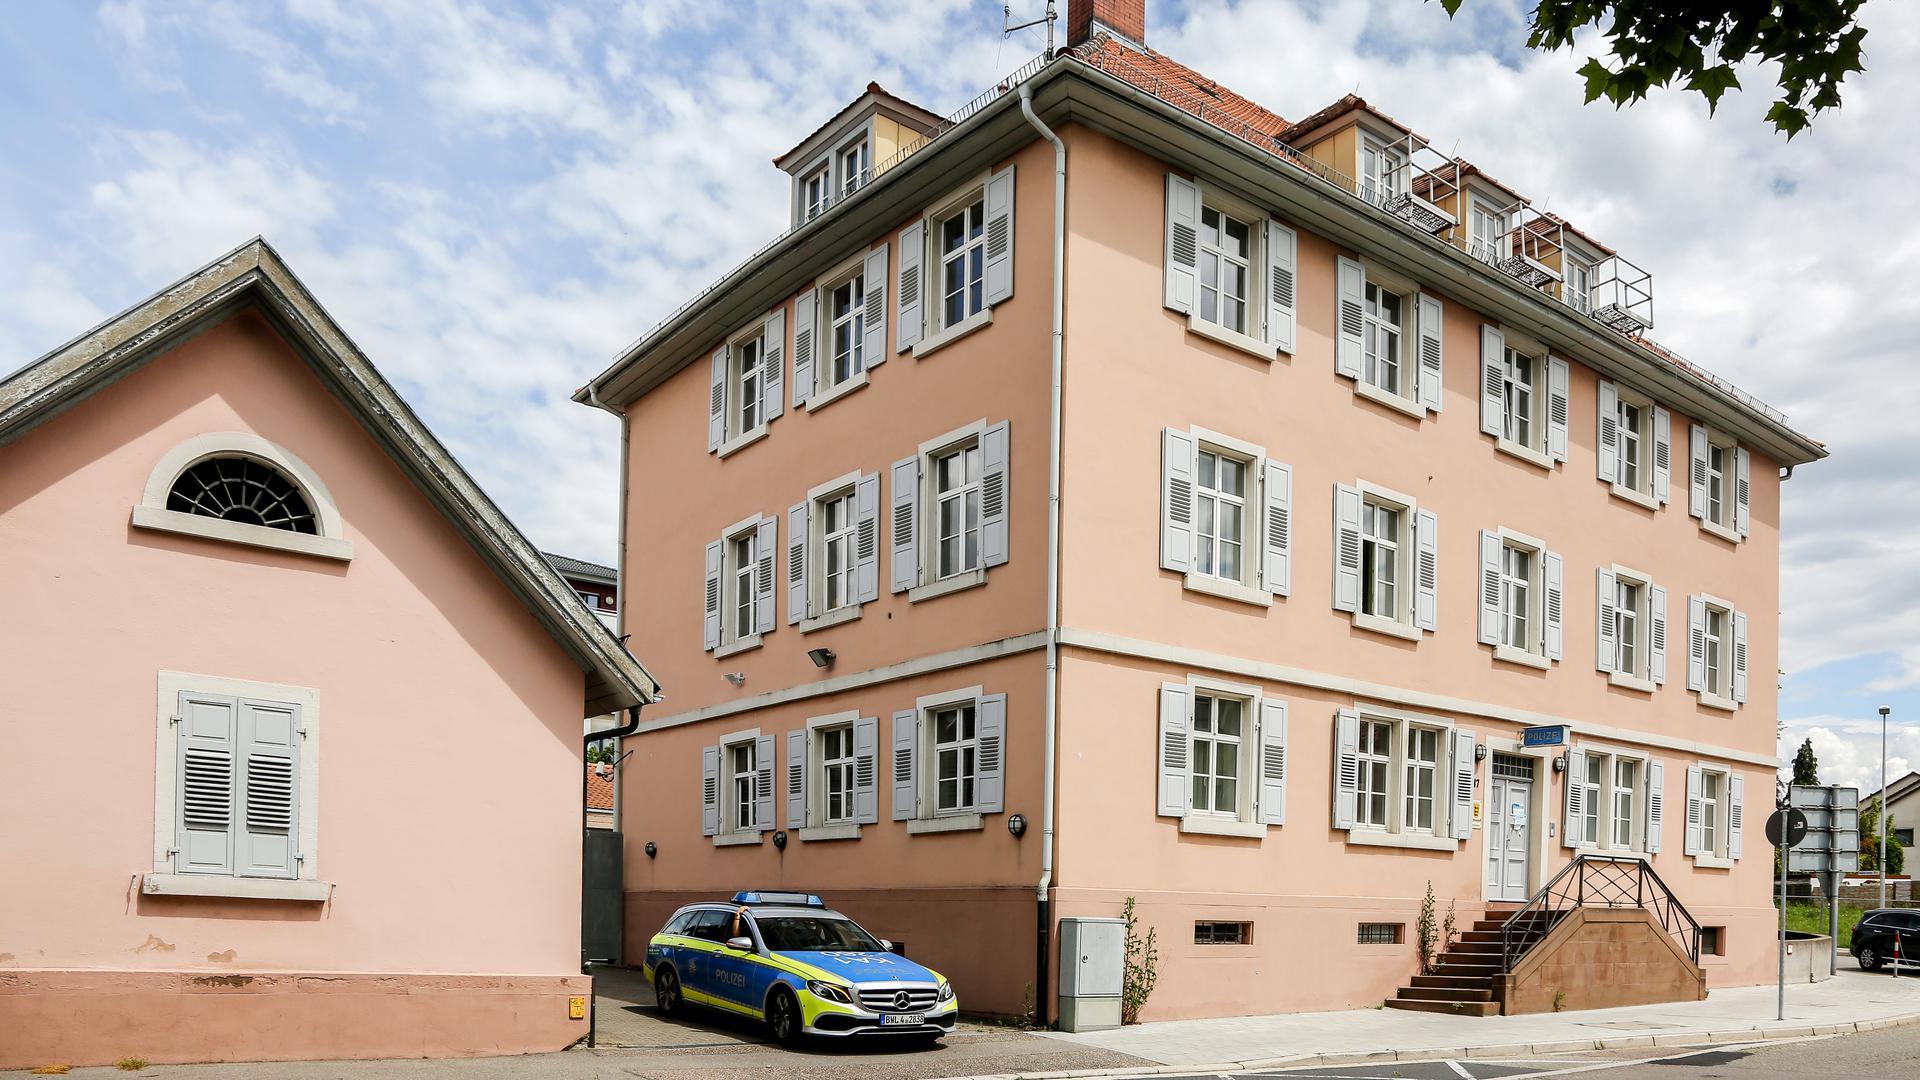 Das Brettener Polizeirevier in der Weißhoferstraße 47.